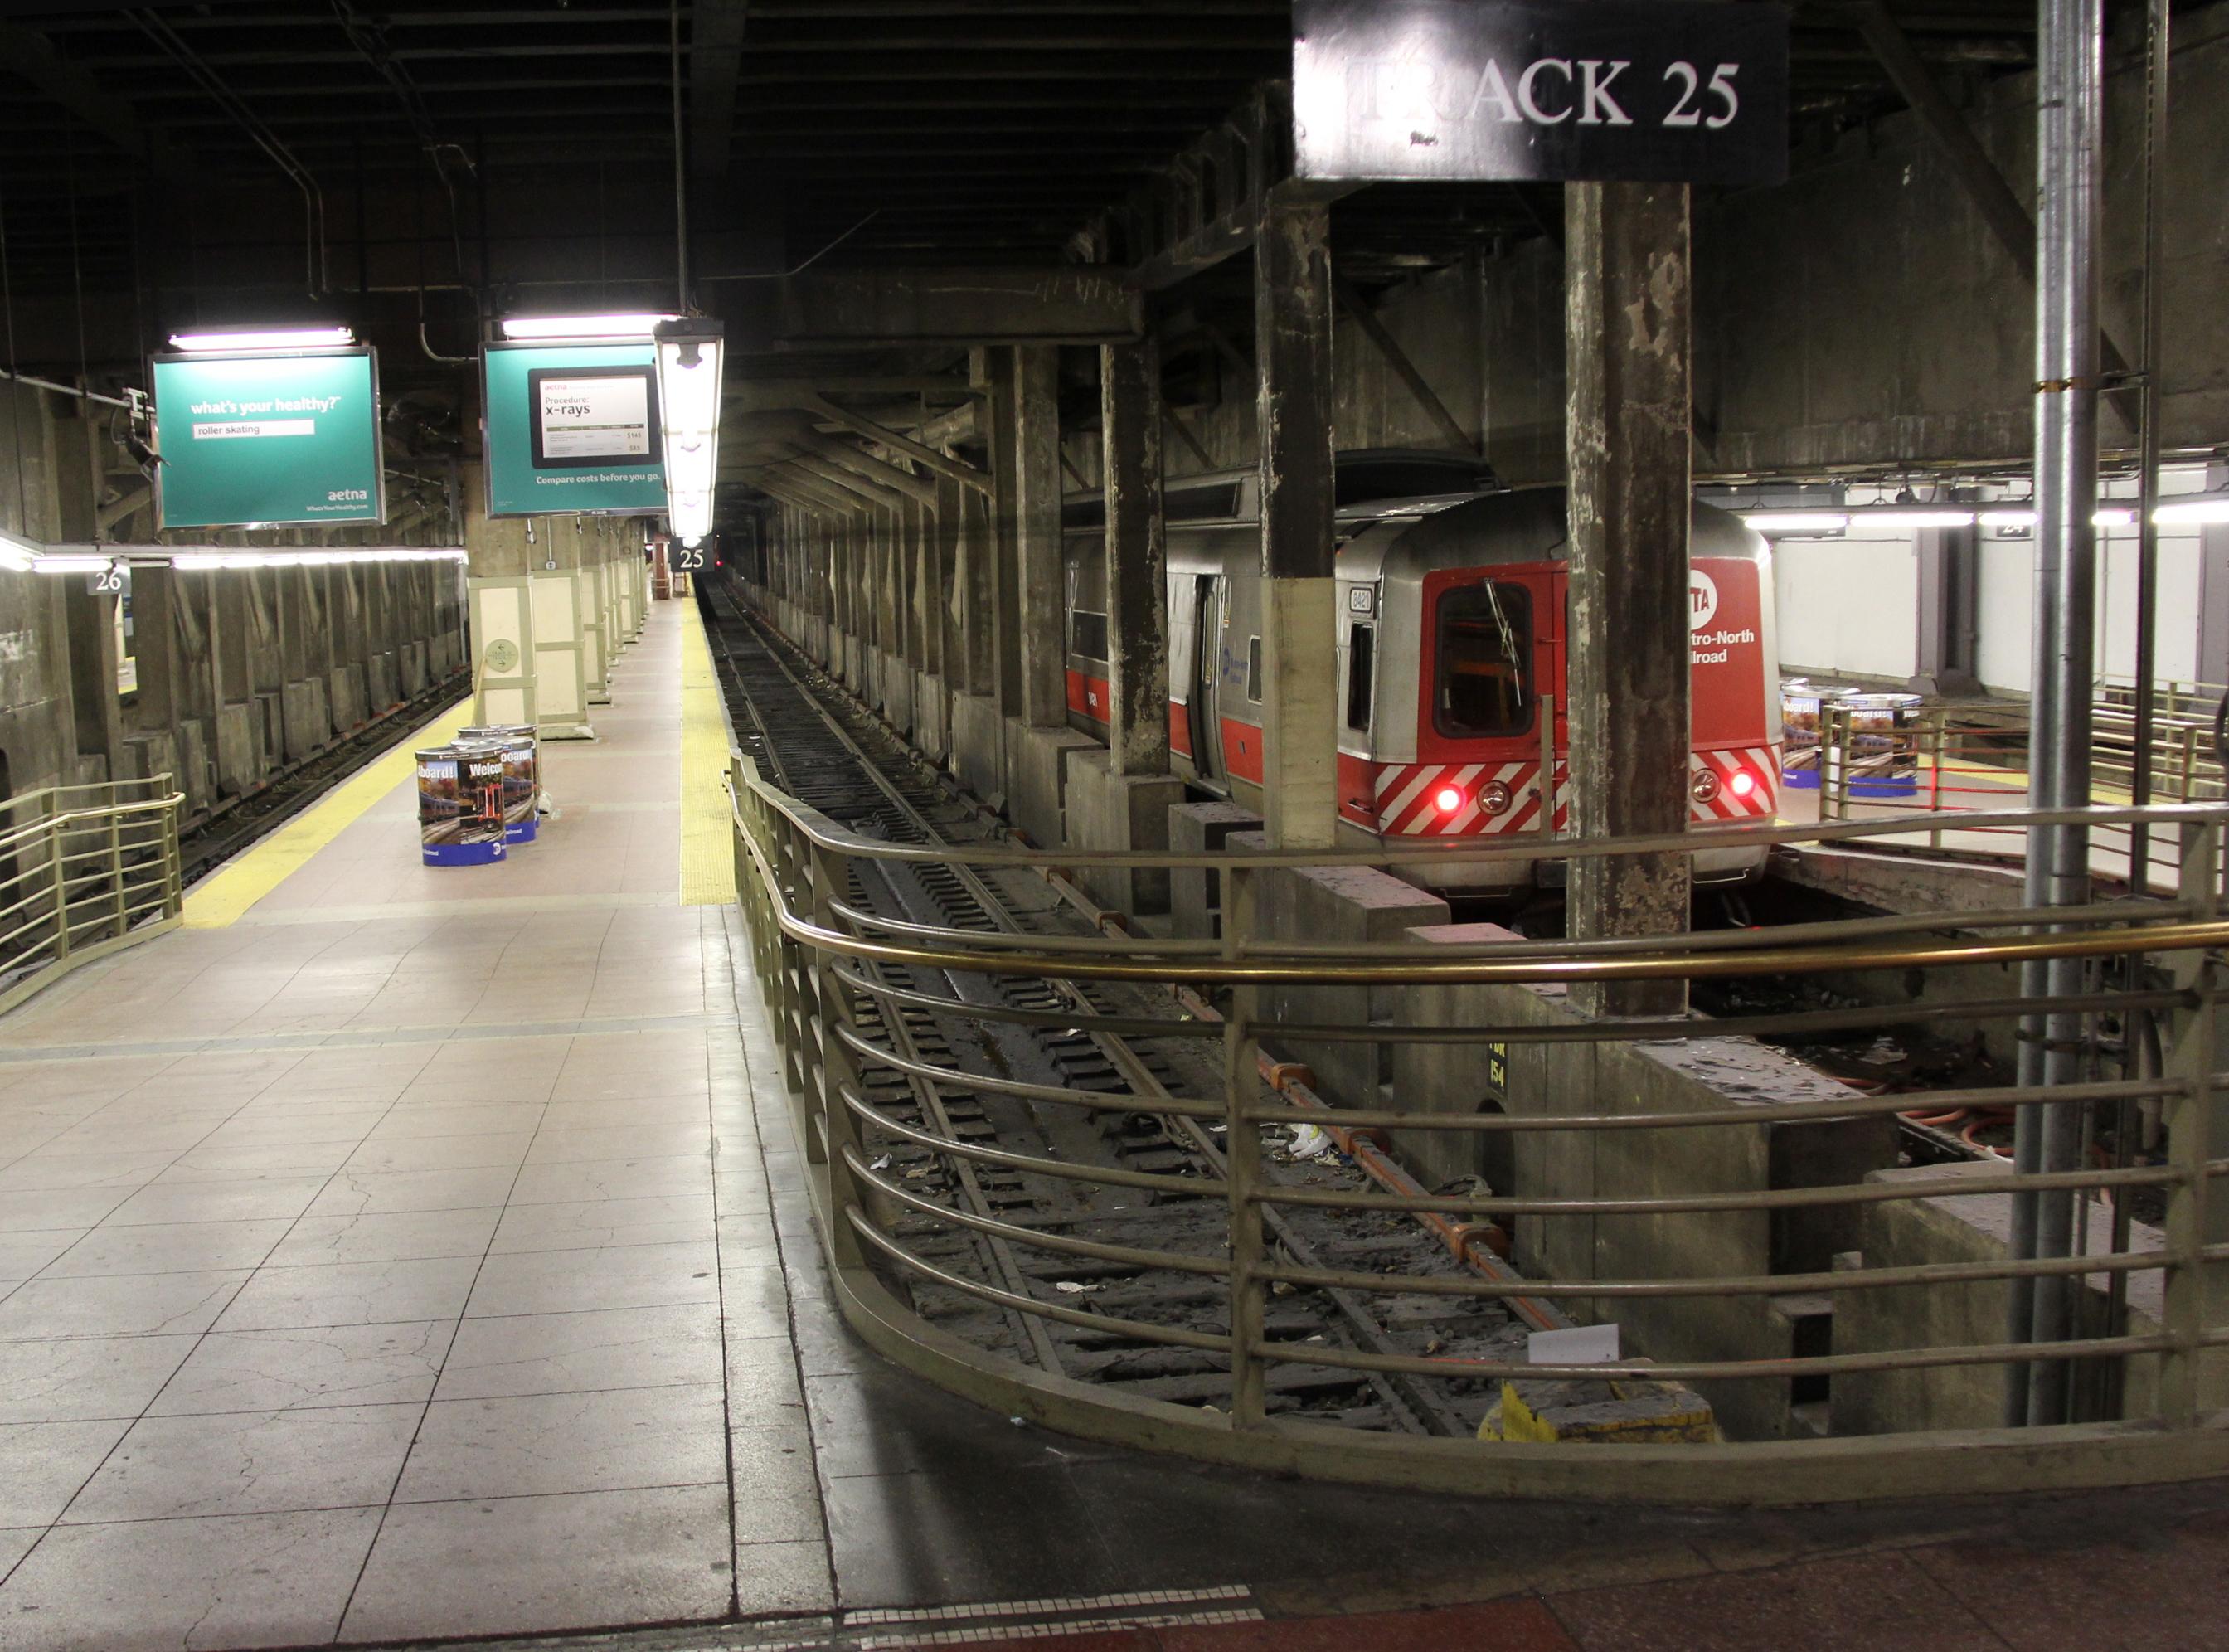 GCNYtrack25.jpg